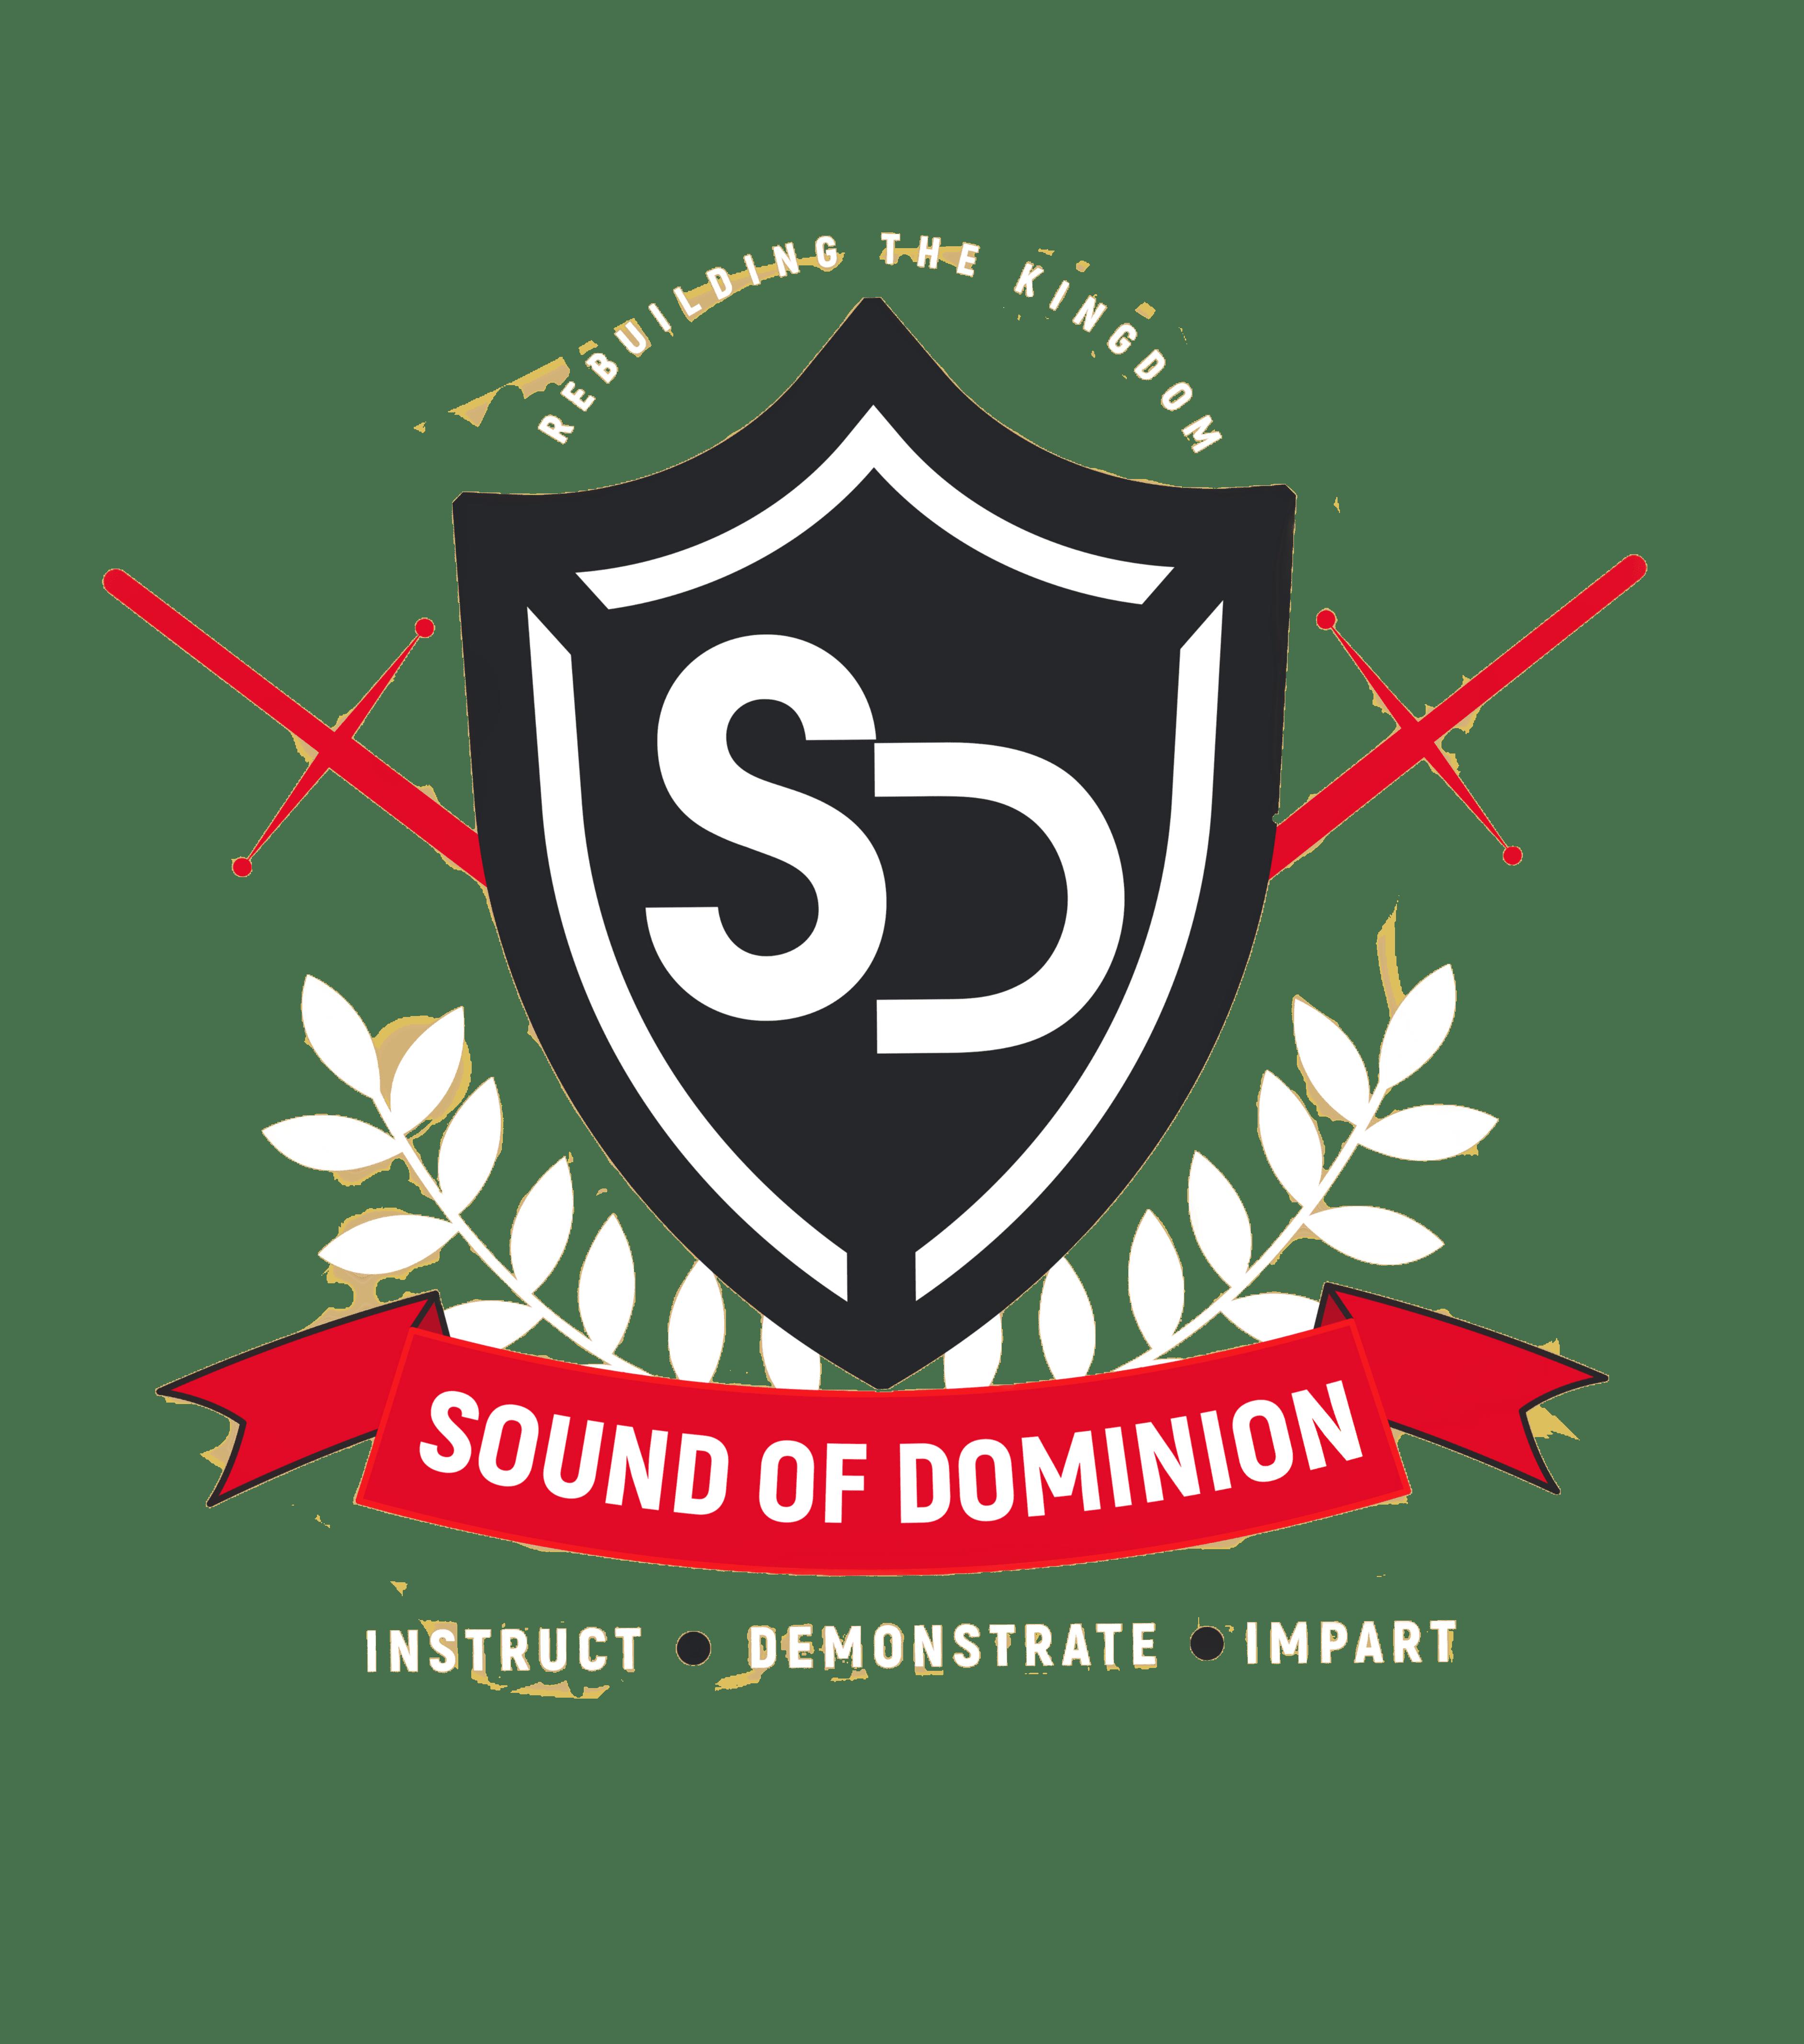 Sound of Dominion